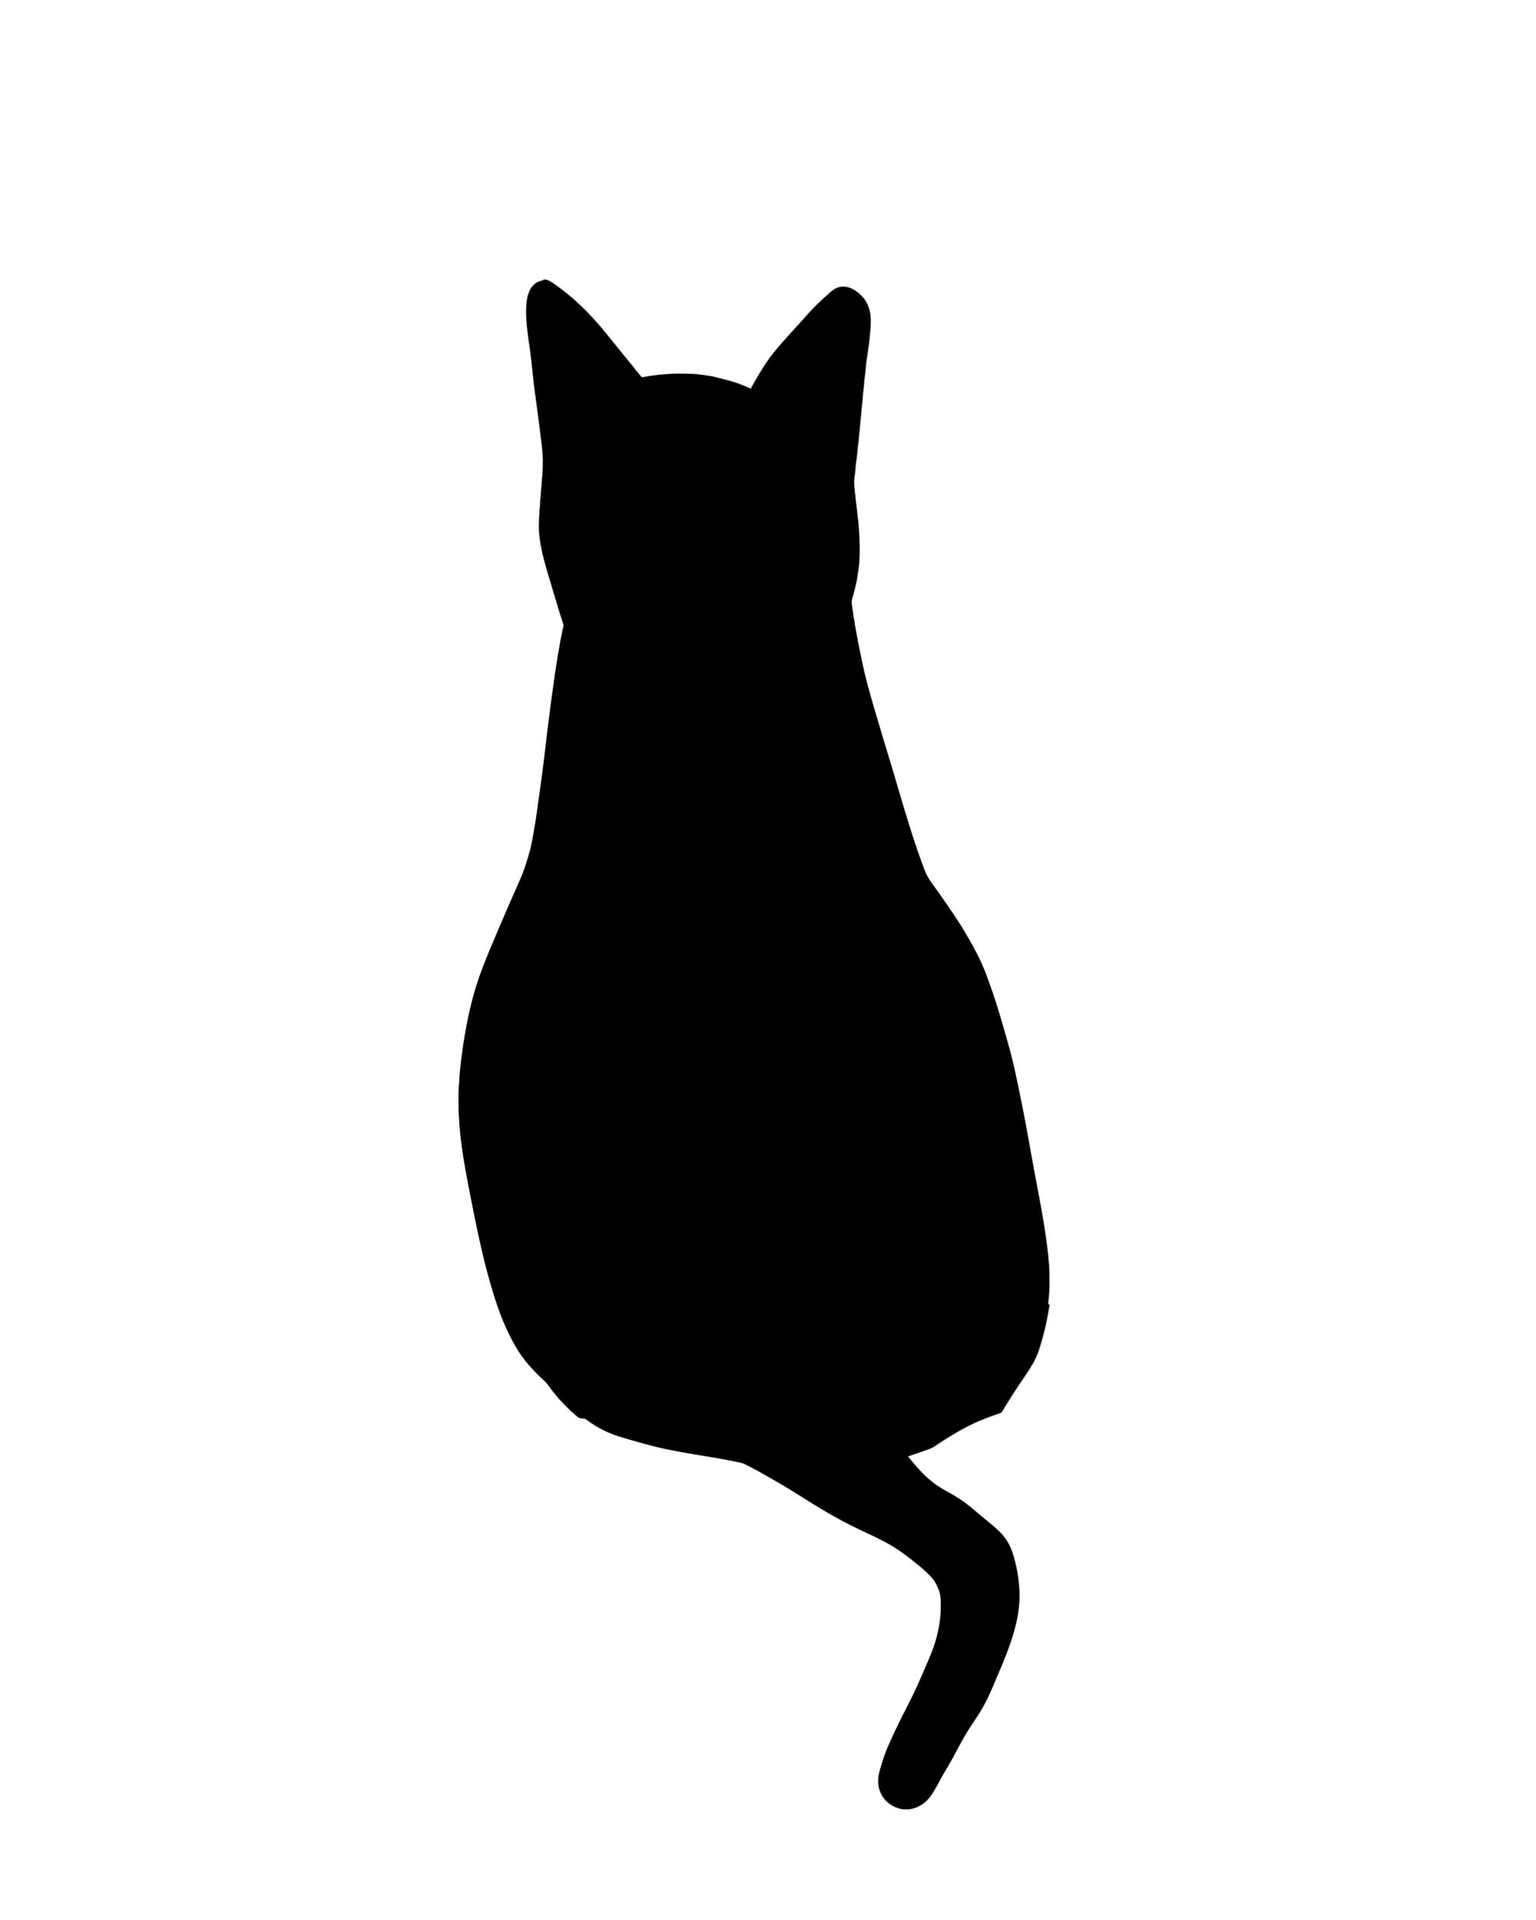 野良猫を結束バンドでつるし虐待容疑 男を書類送検 福岡